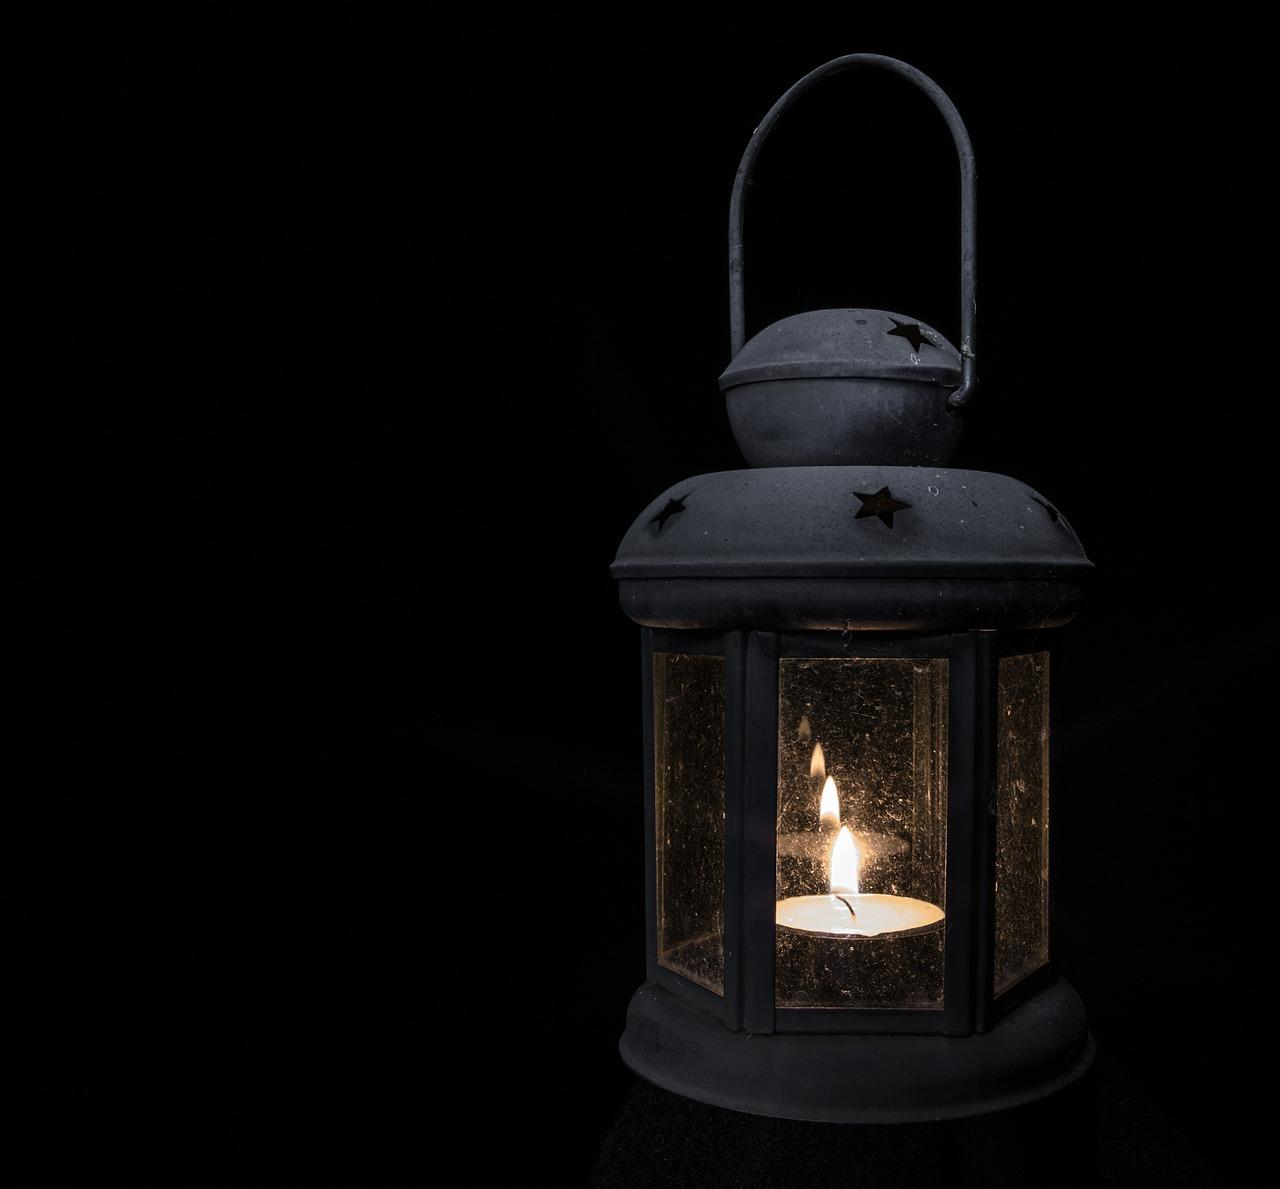 懐中電灯とランタンの違いは?登山やキャンプ防災ではどちらが役立つ?